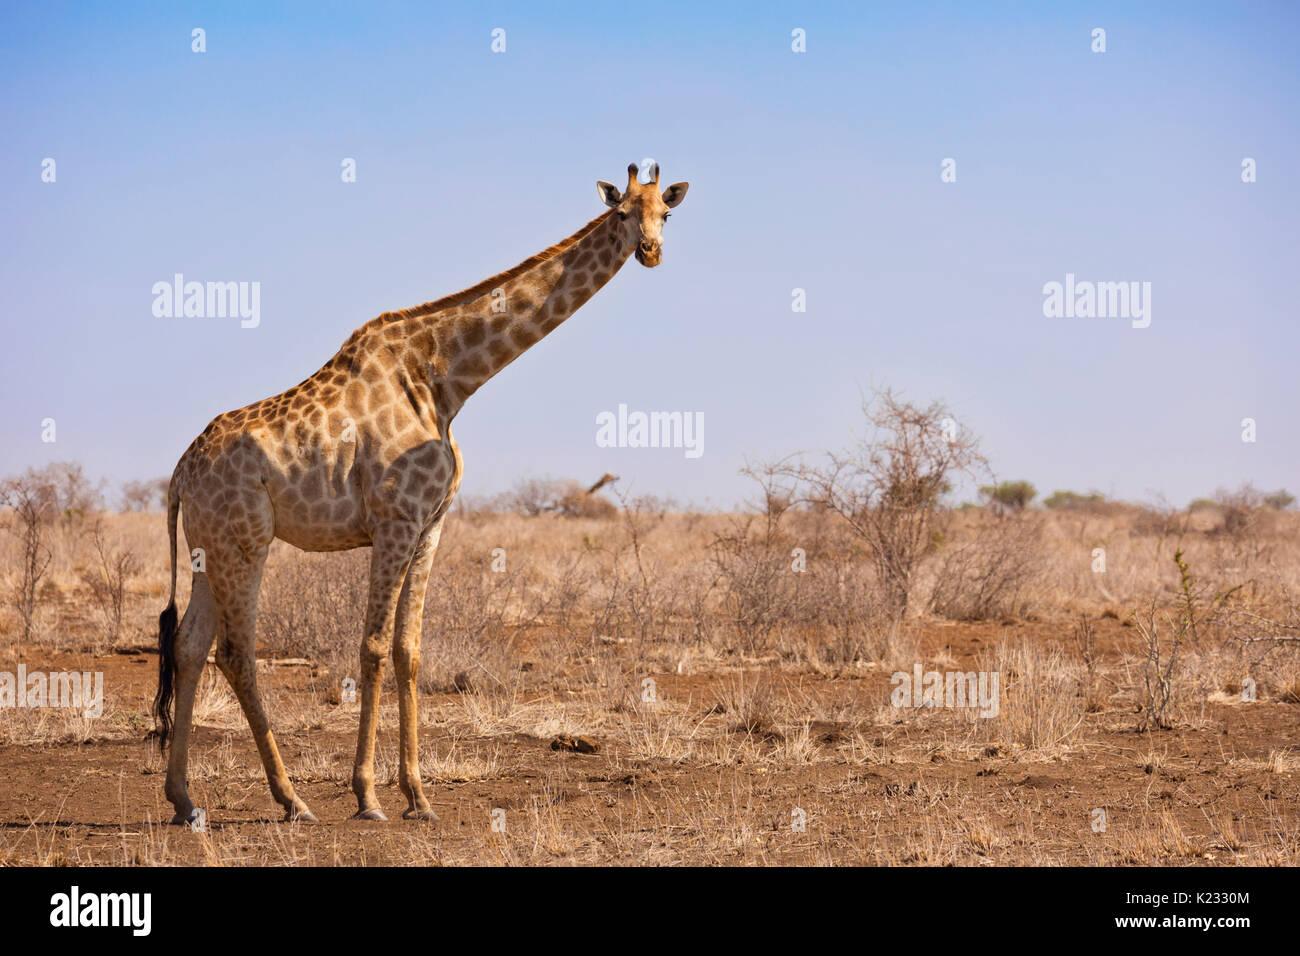 Una jirafa en el Parque Nacional Kruger en Sudáfrica. Imagen De Stock